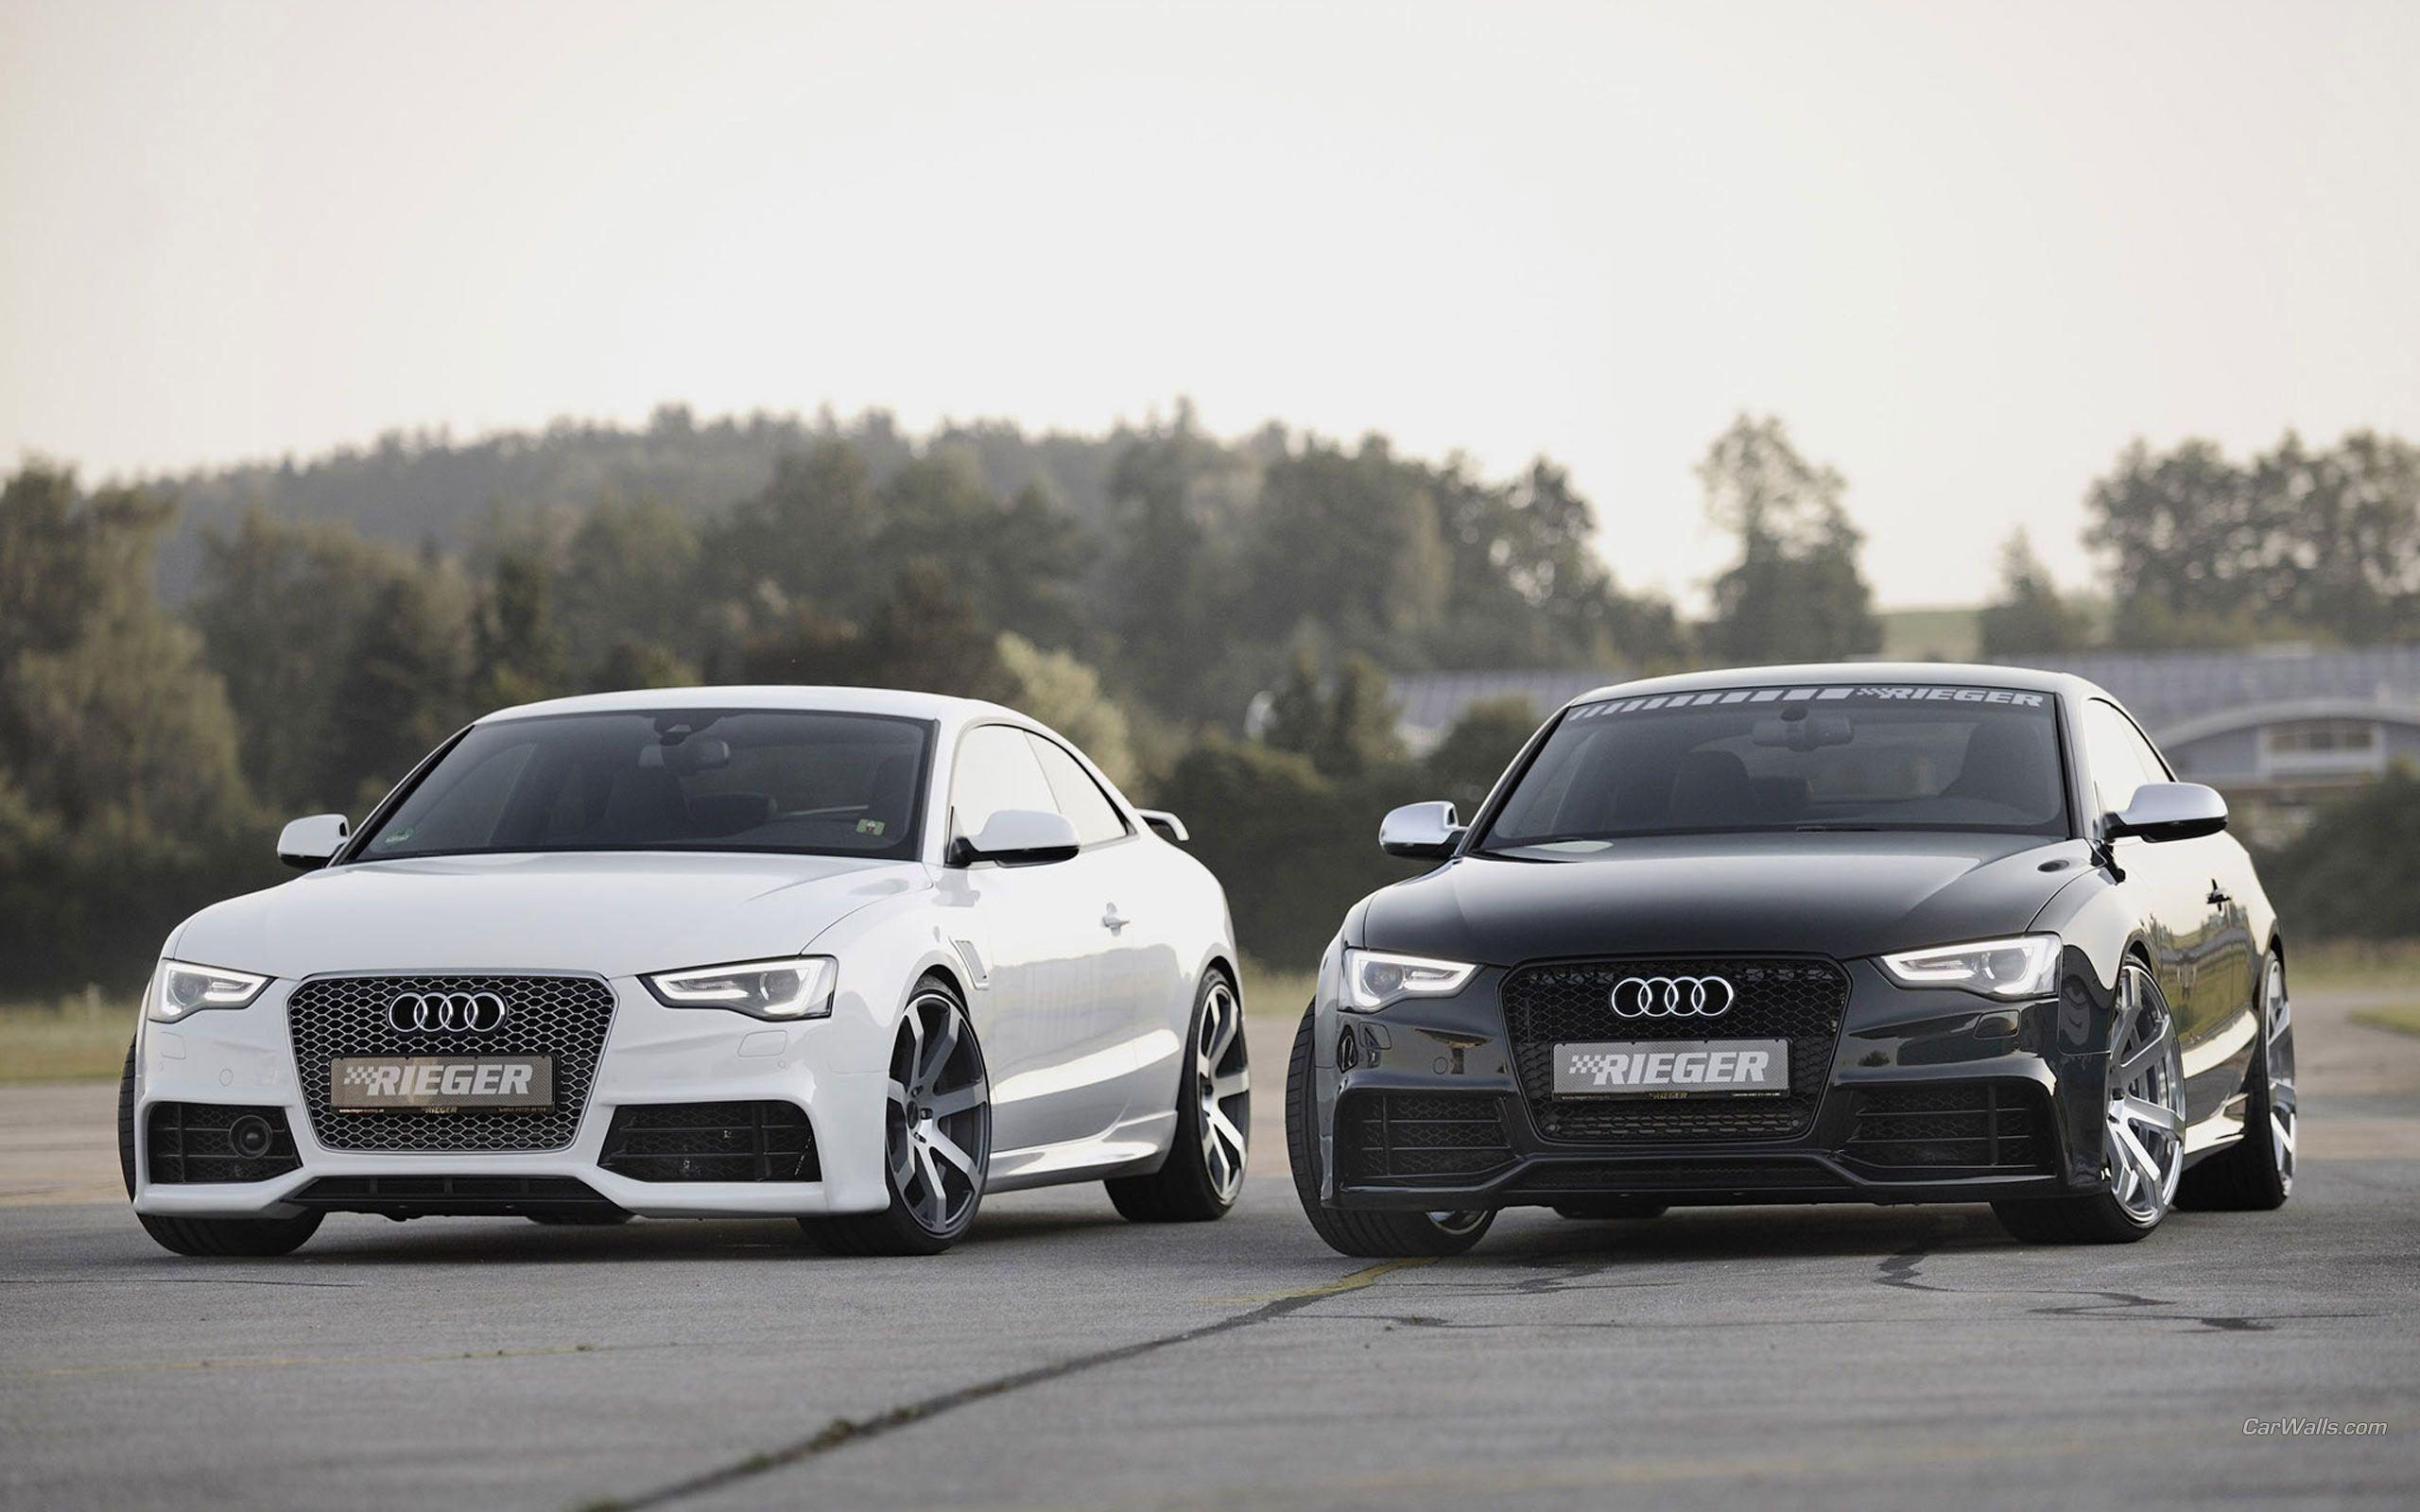 Black White Audi A5 Hd Wallpapers Ultra Hd Car Wallpapers Audi A5 Audi Black Audi